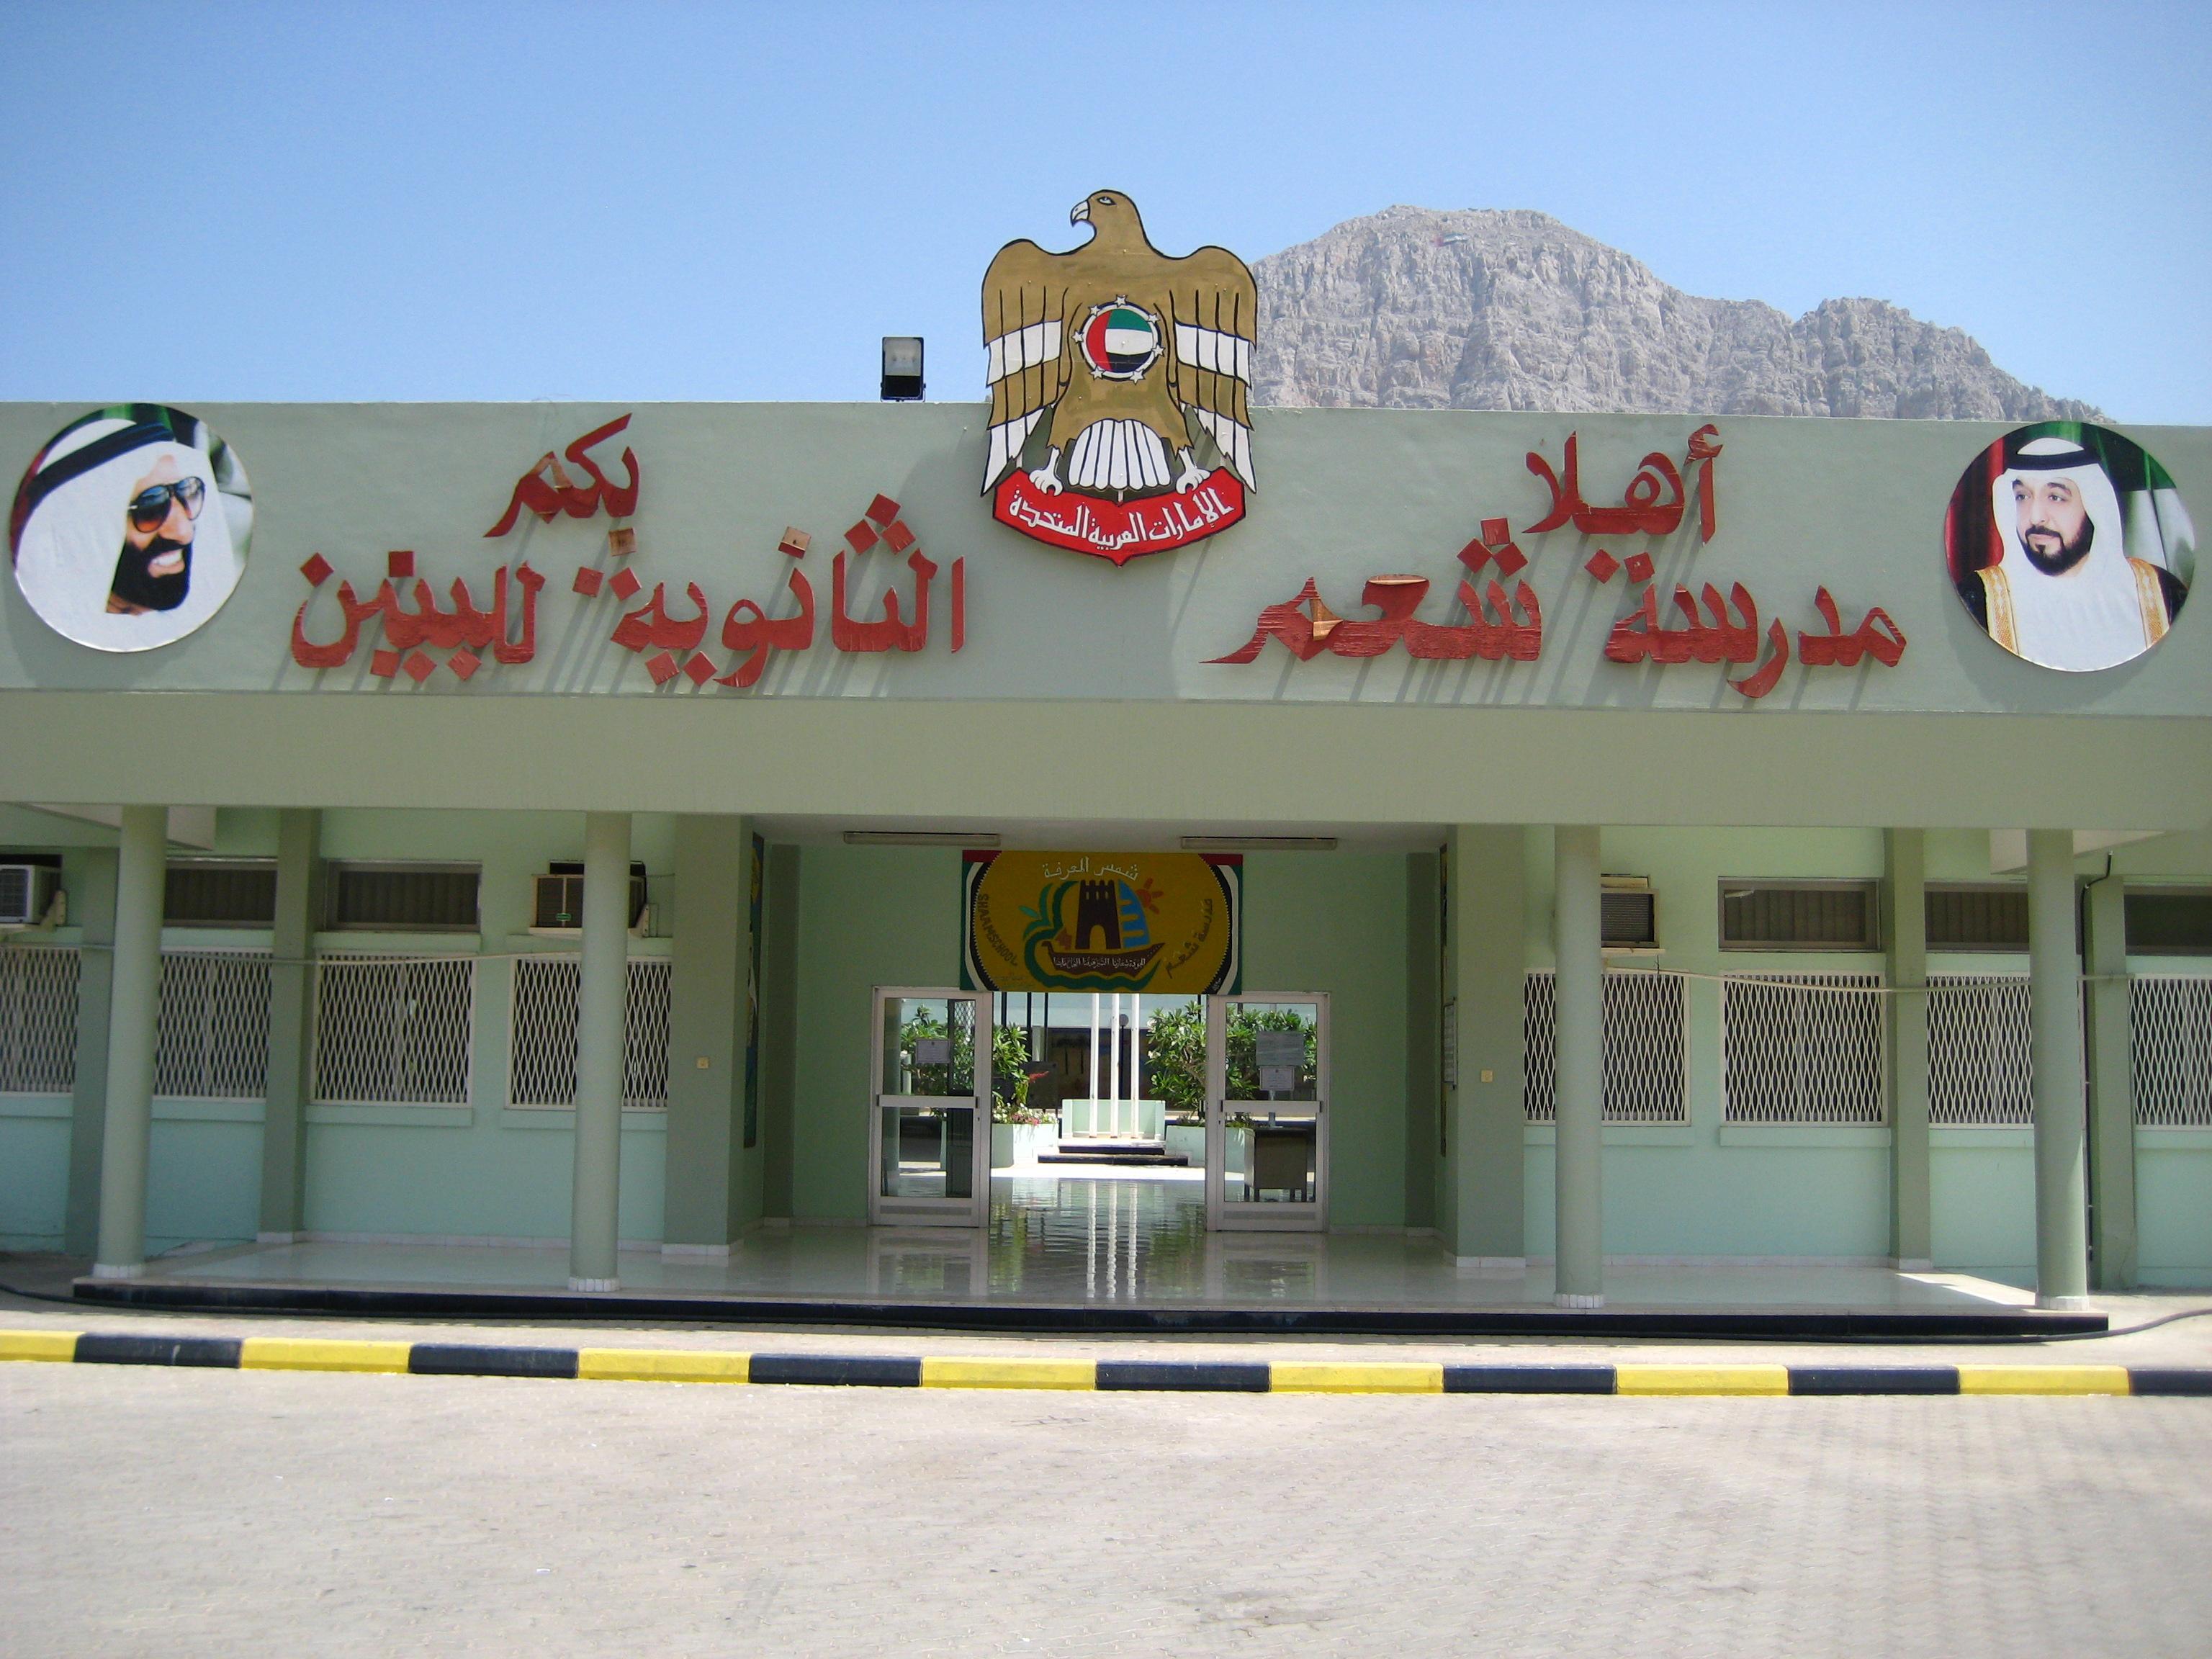 بالصور صور عن المدرسة , اجمل صور عن المدرسة 11855 1